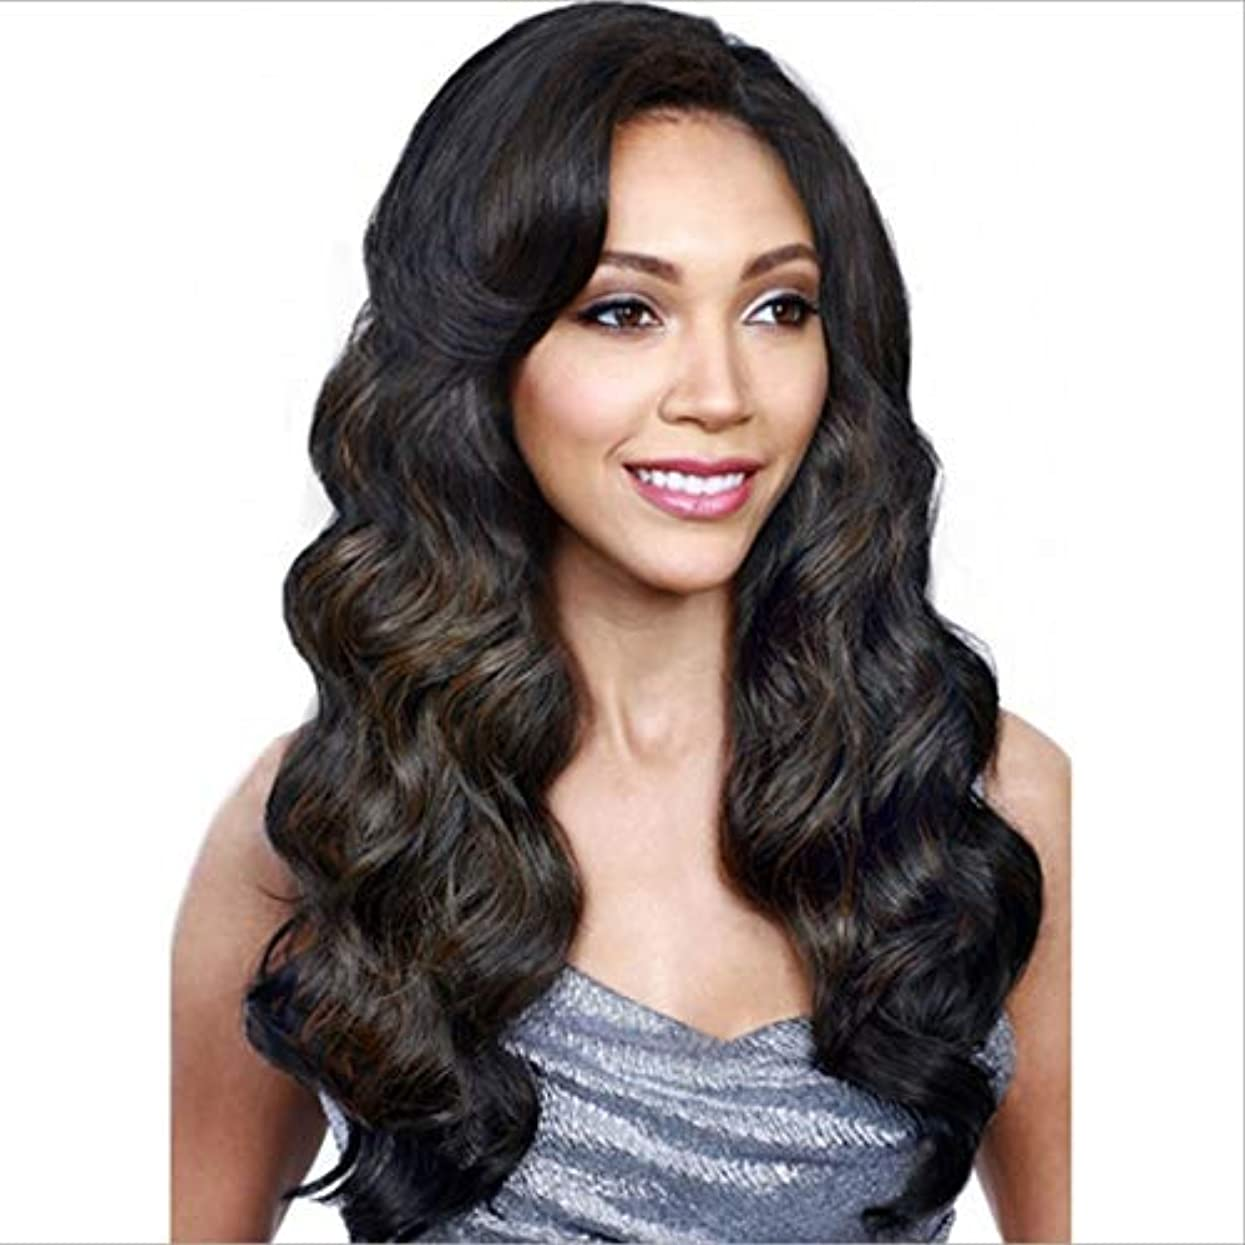 伝染性の財布形状Kerwinner 女性のための長い巻き毛の層状の耐熱性合成毛髪のかつらを分けてヘアセンターで合成女性のかつら